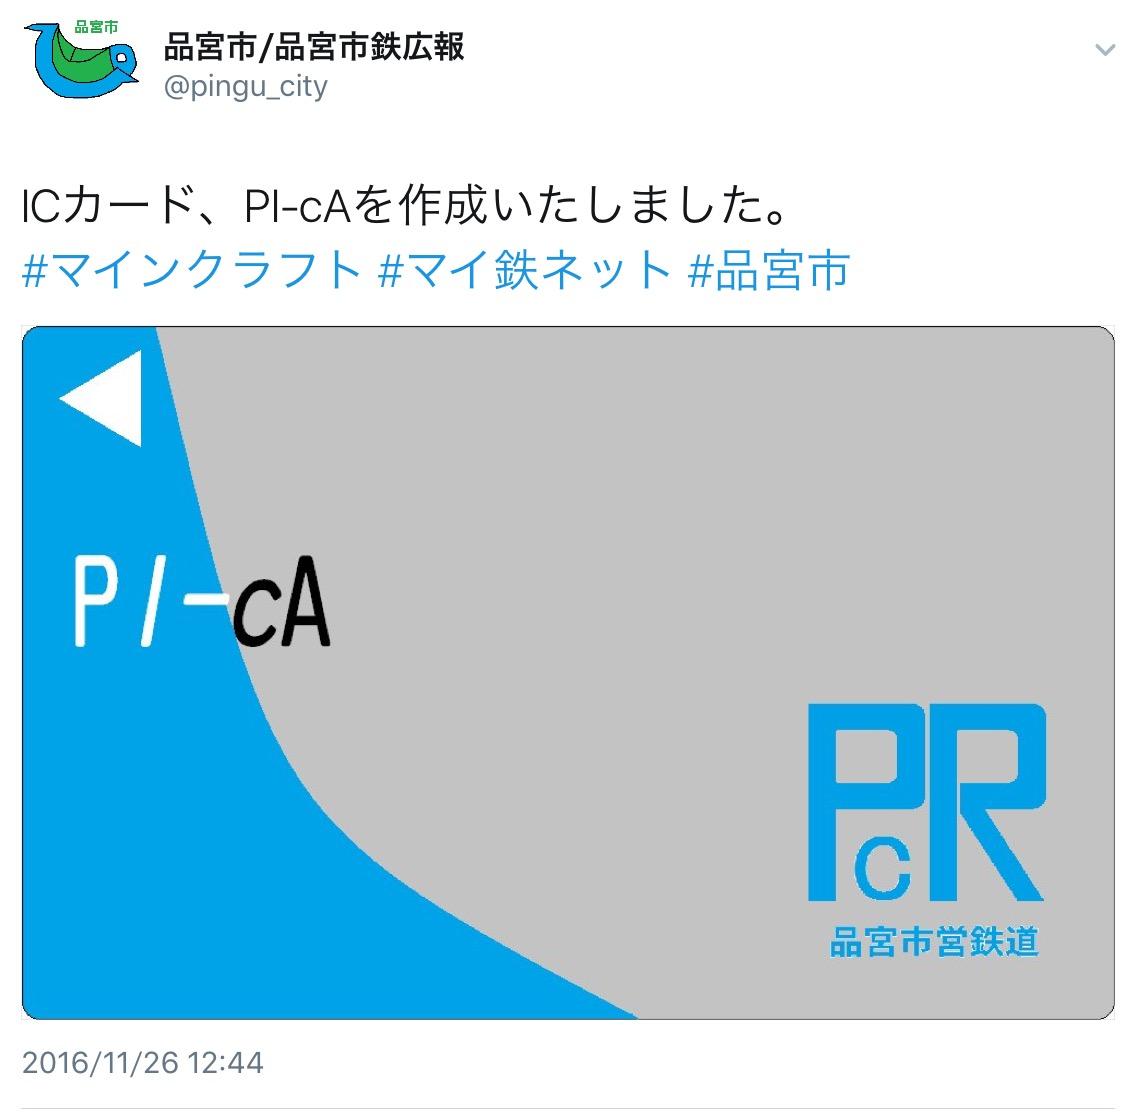 pin11-26.jpeg